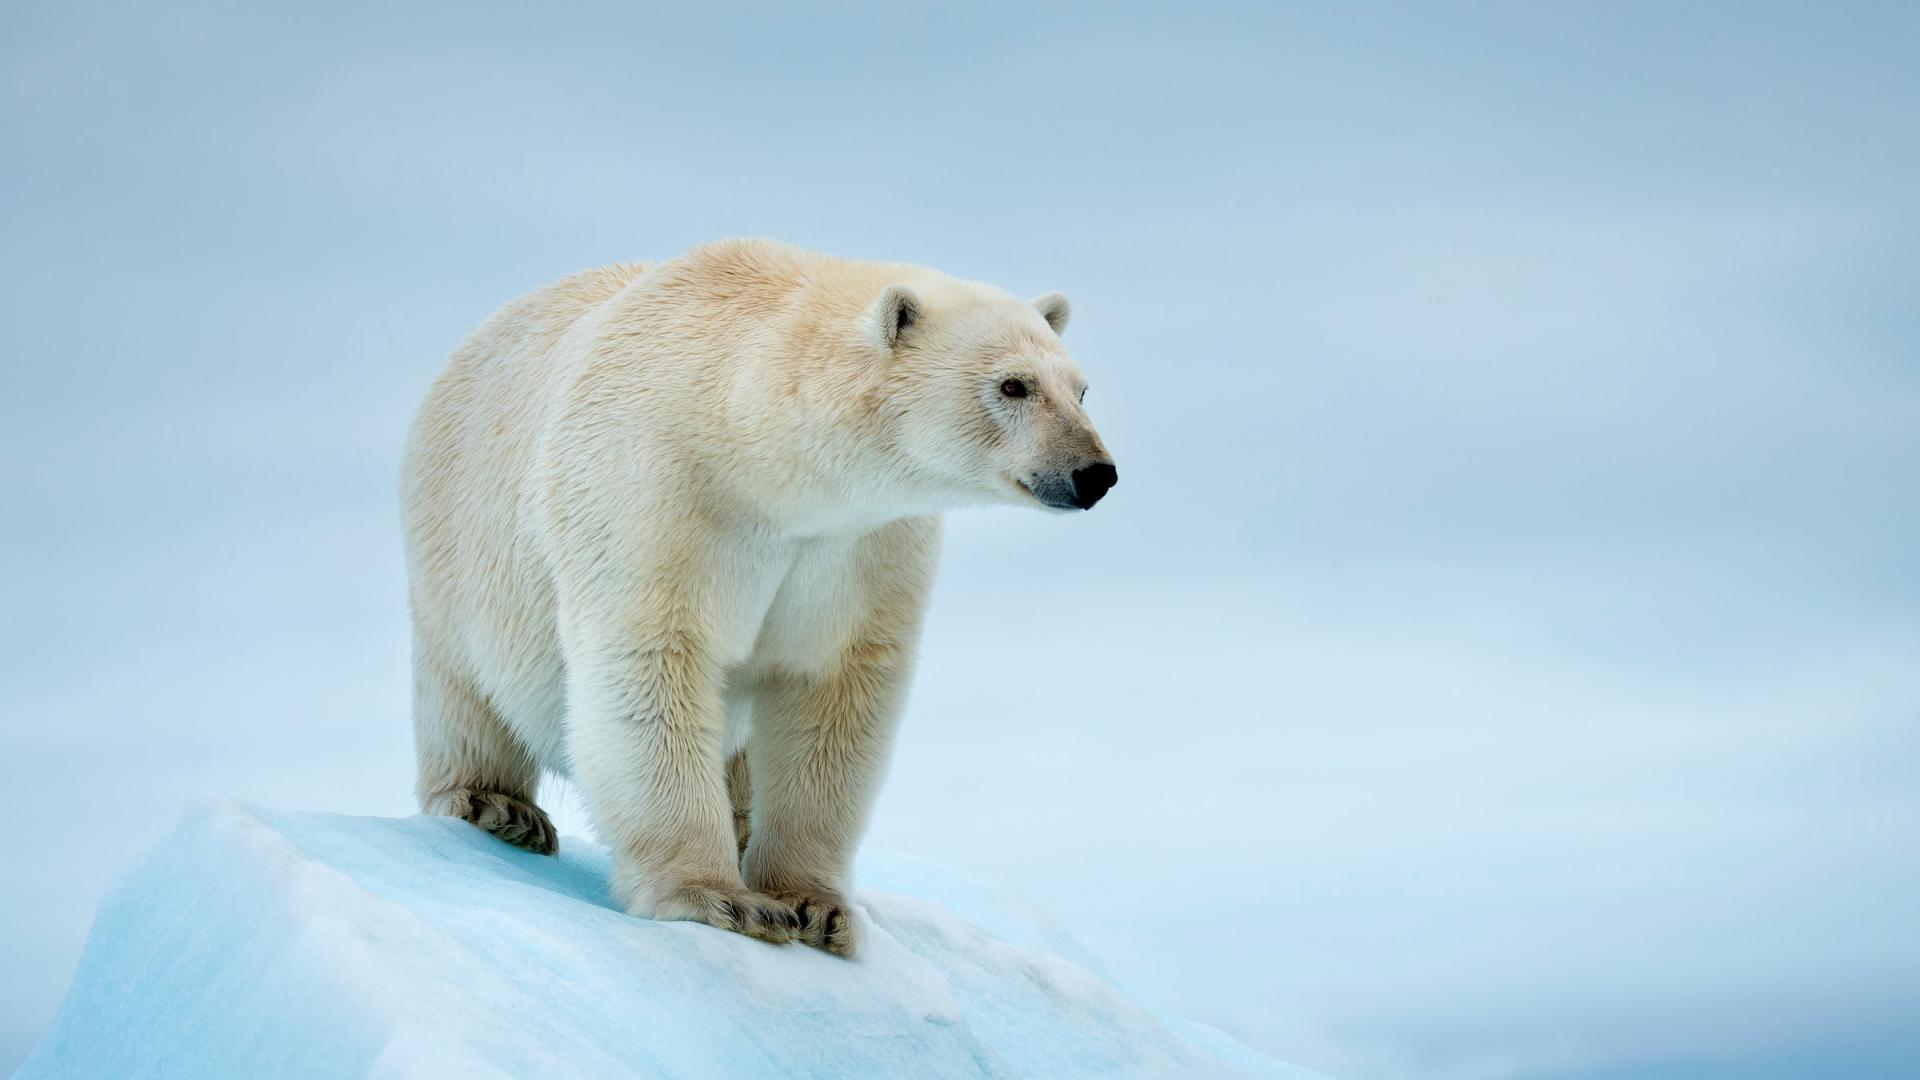 L'ours polaire, une espèce prioritaire | WWF France